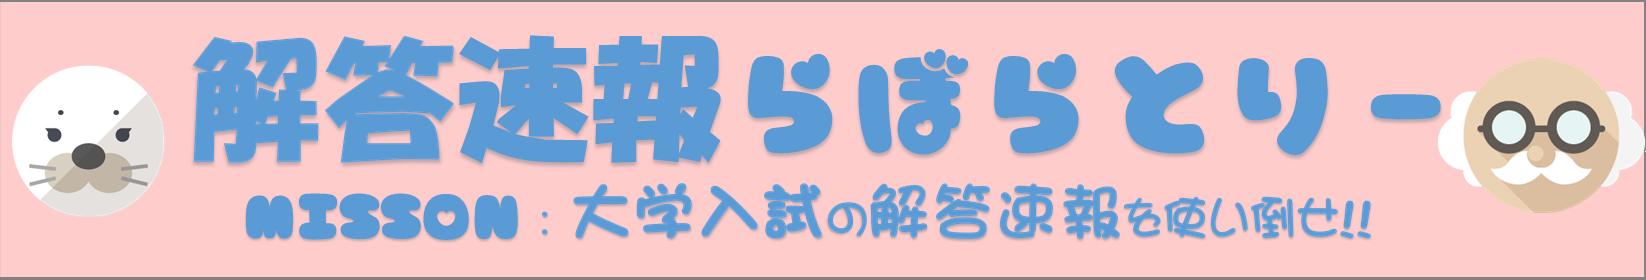 【2020】大学入試解答速報らぼらとりー